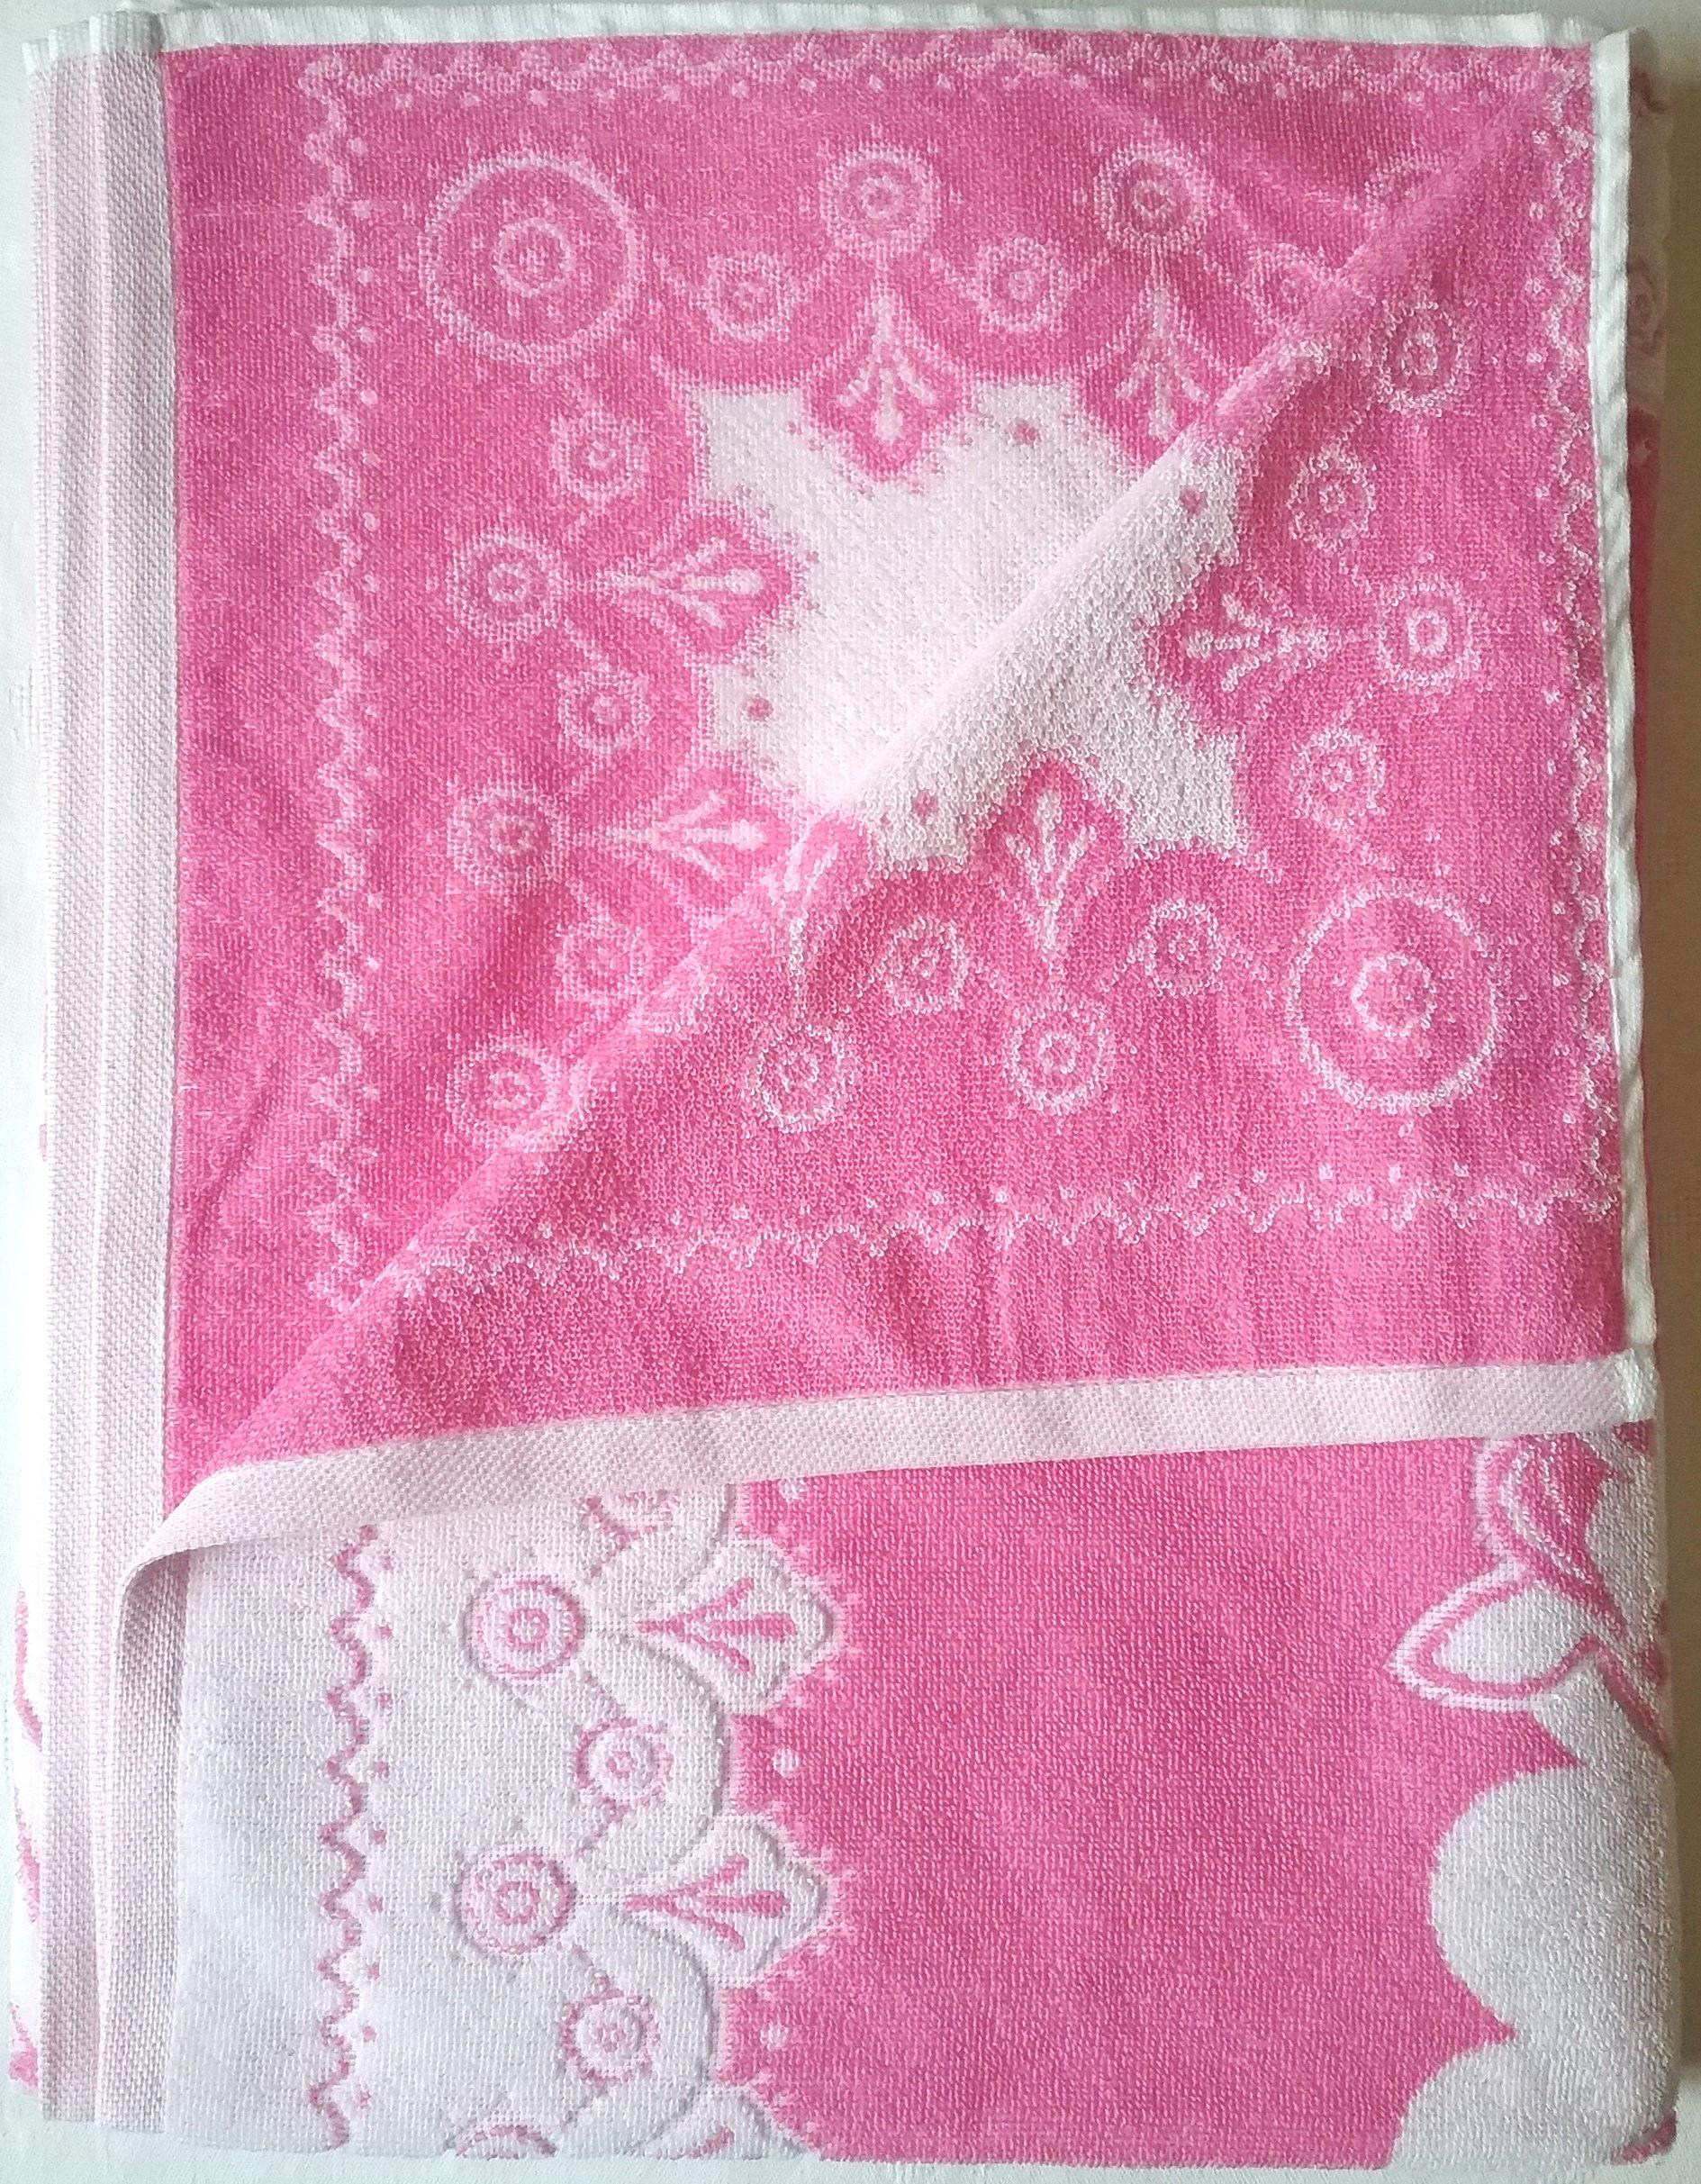 Простыня ОАО Речицкий текстиль Малыш 104х160, розовый6с101.414ж1.034.рПростыня махровая из 100% натурального хлопка с оригинальным детским рисунком. Изделие мягкое, хорошо впитывает влагу. Можно использовать как простыню, покрывало, или полотенце. Разнообразие расцветок, рисунков добавит ярких красок и приятных ощущений в жизнь и может порадовать и взрослых, и детей.